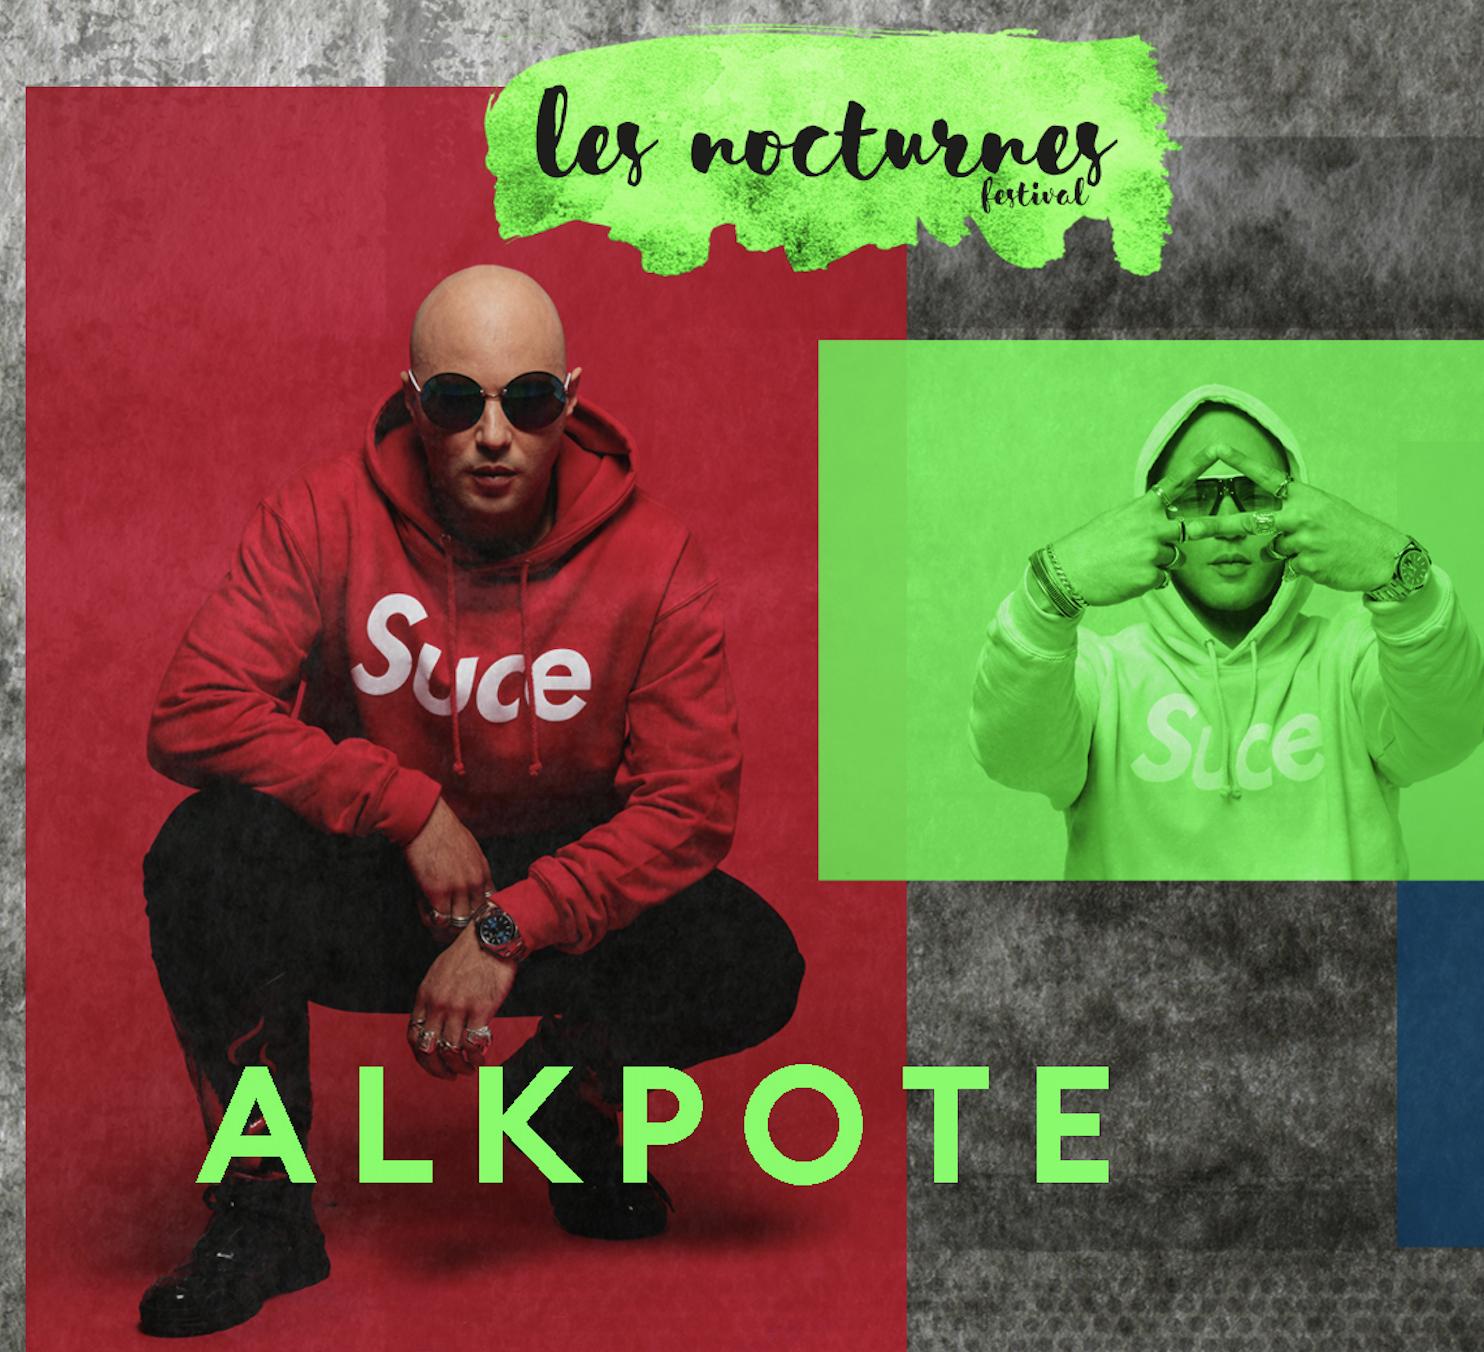 Alkpote @ Festival Les Nocturnes